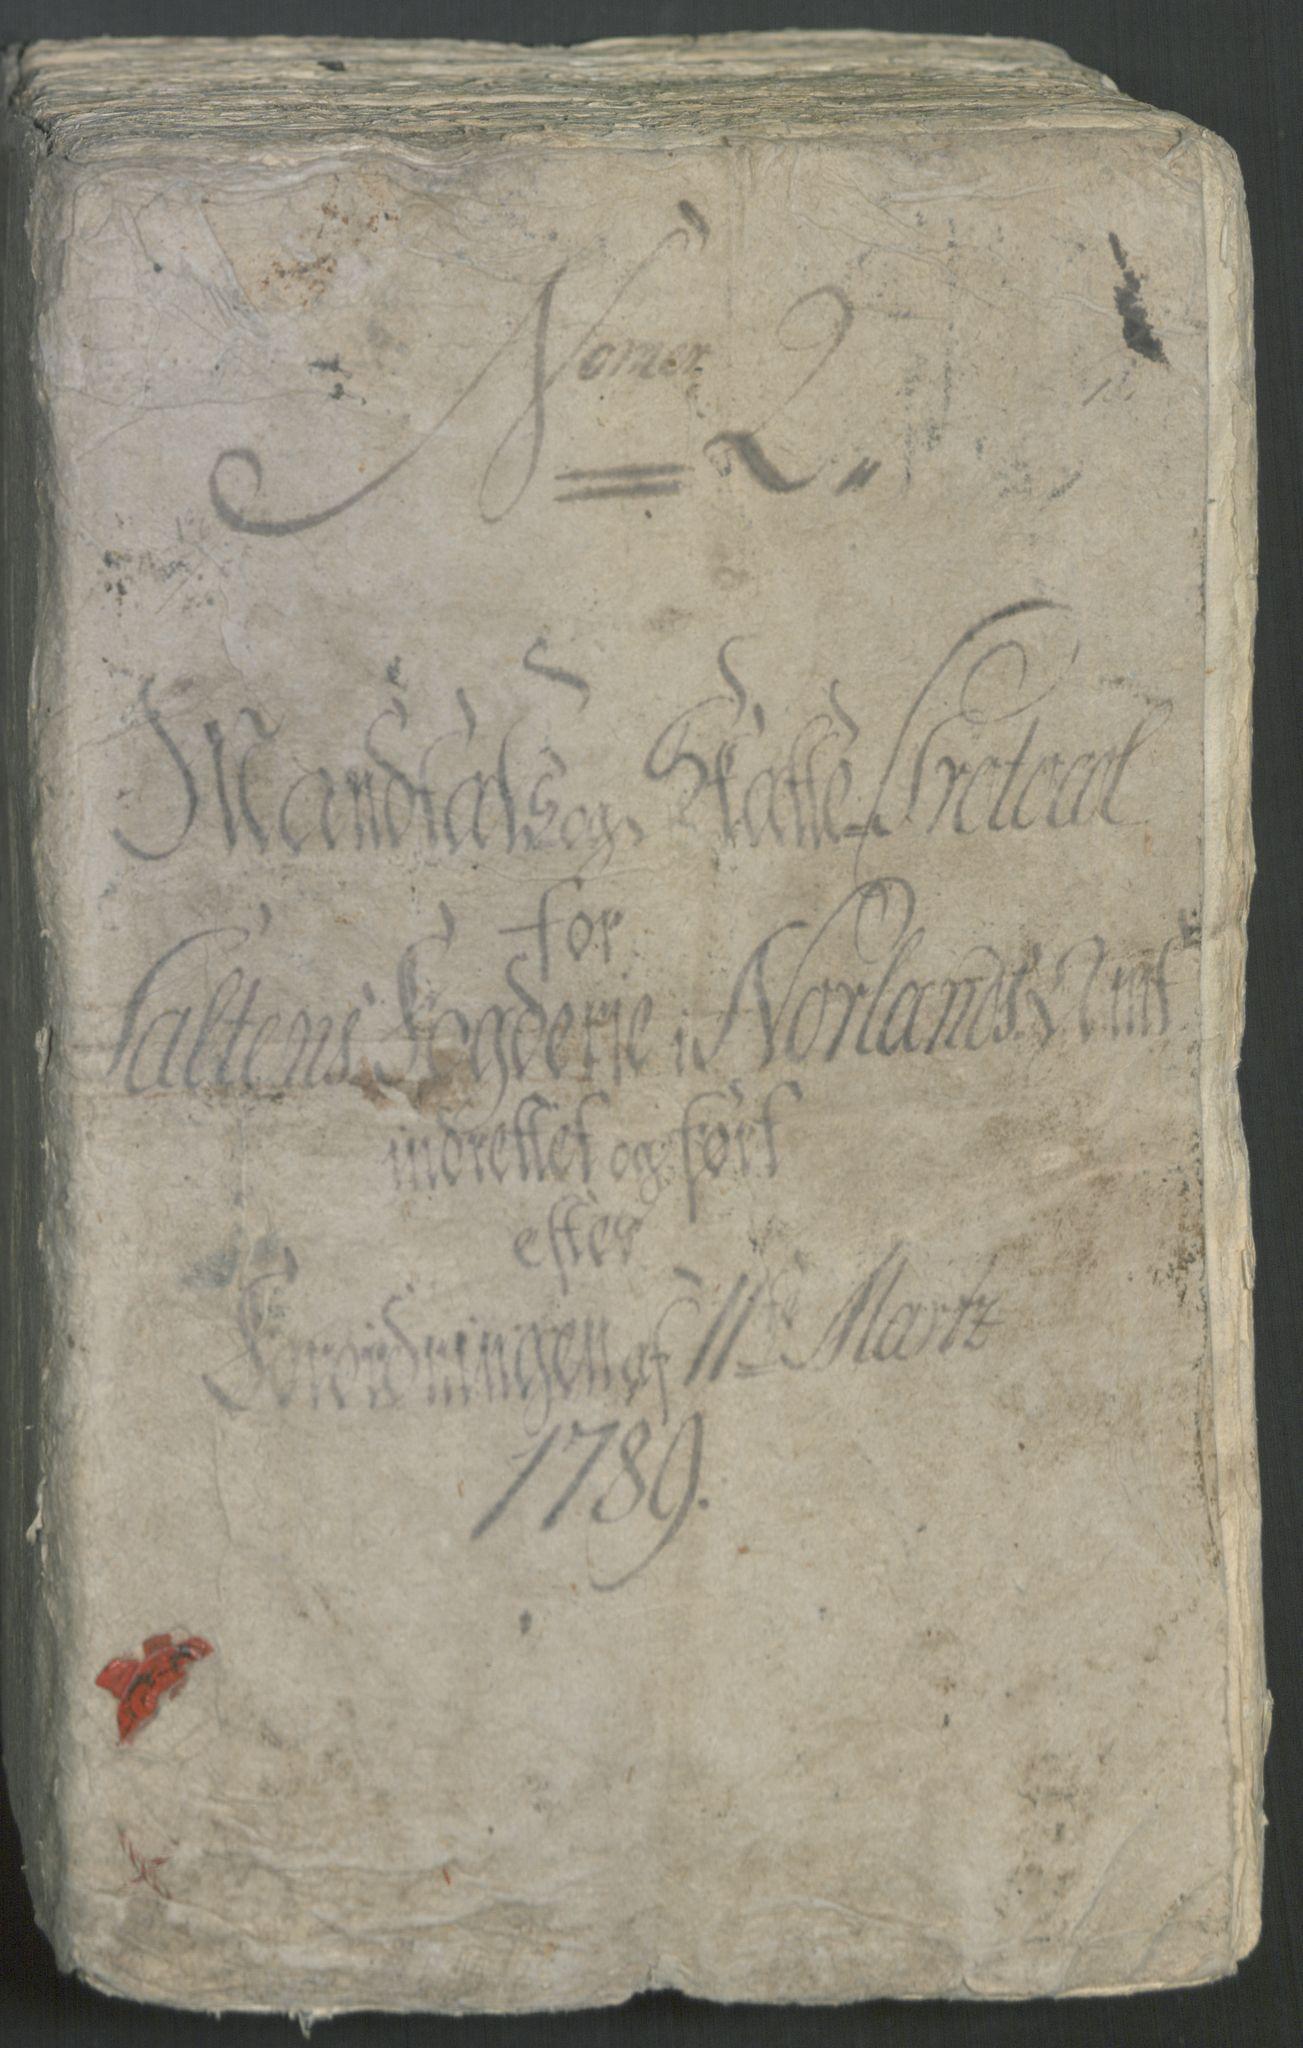 RA, Rentekammeret inntil 1814, Reviderte regnskaper, Mindre regnskaper, Rf/Rfe/L0041: Salten fogderi, 1789, s. 2